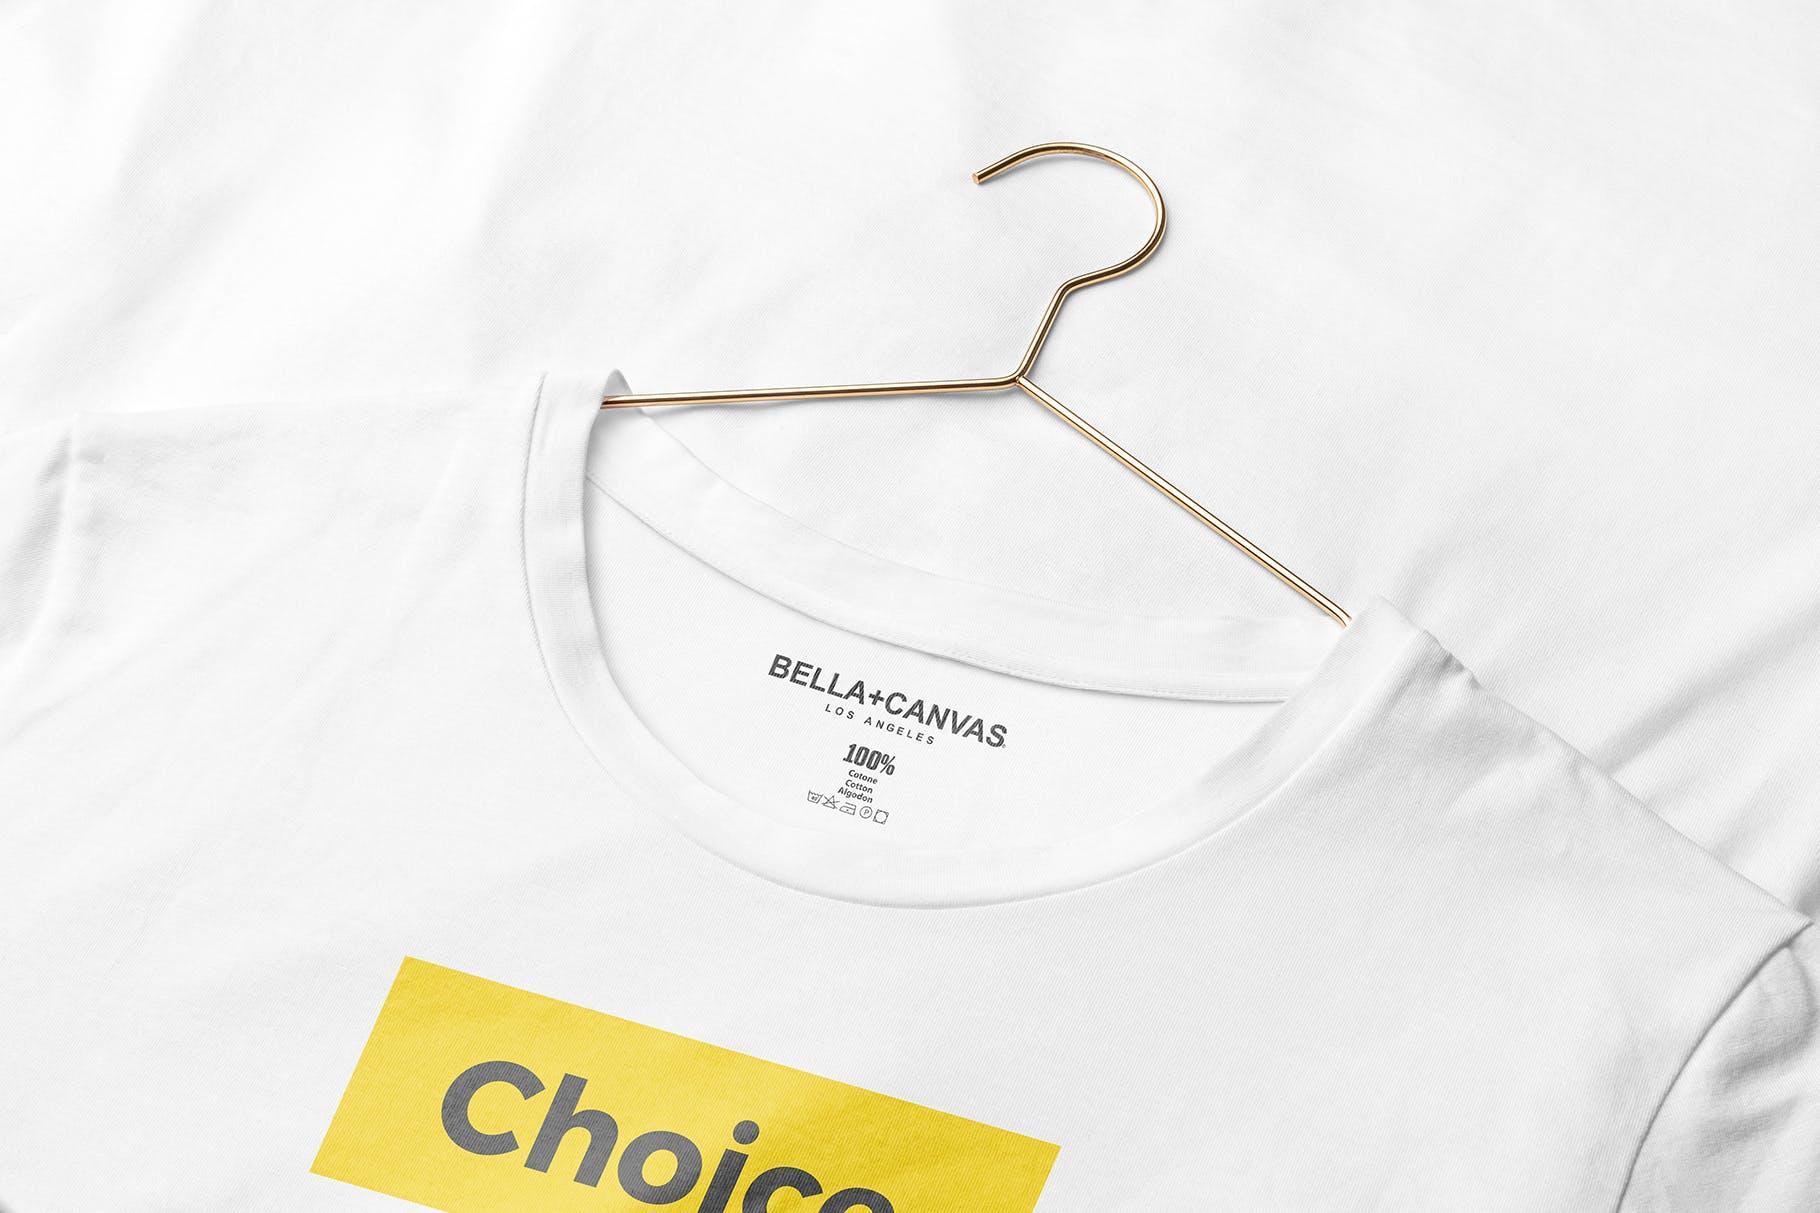 服装品牌服装单件自定义场景物品套装